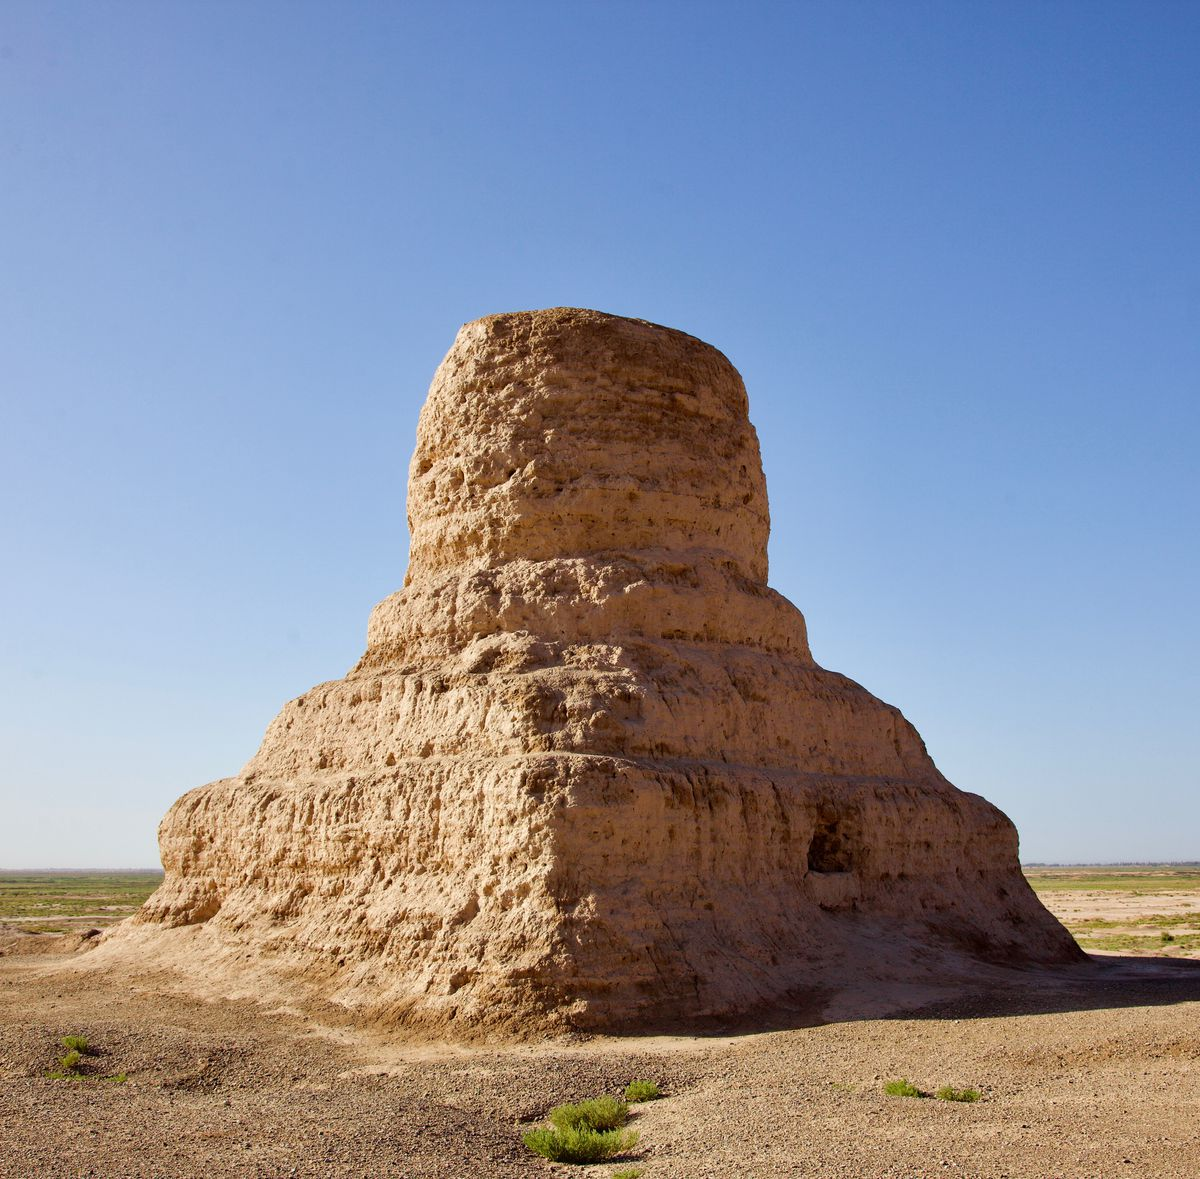 A thousand-year-old Buddhist stupa near Kashgar, China.